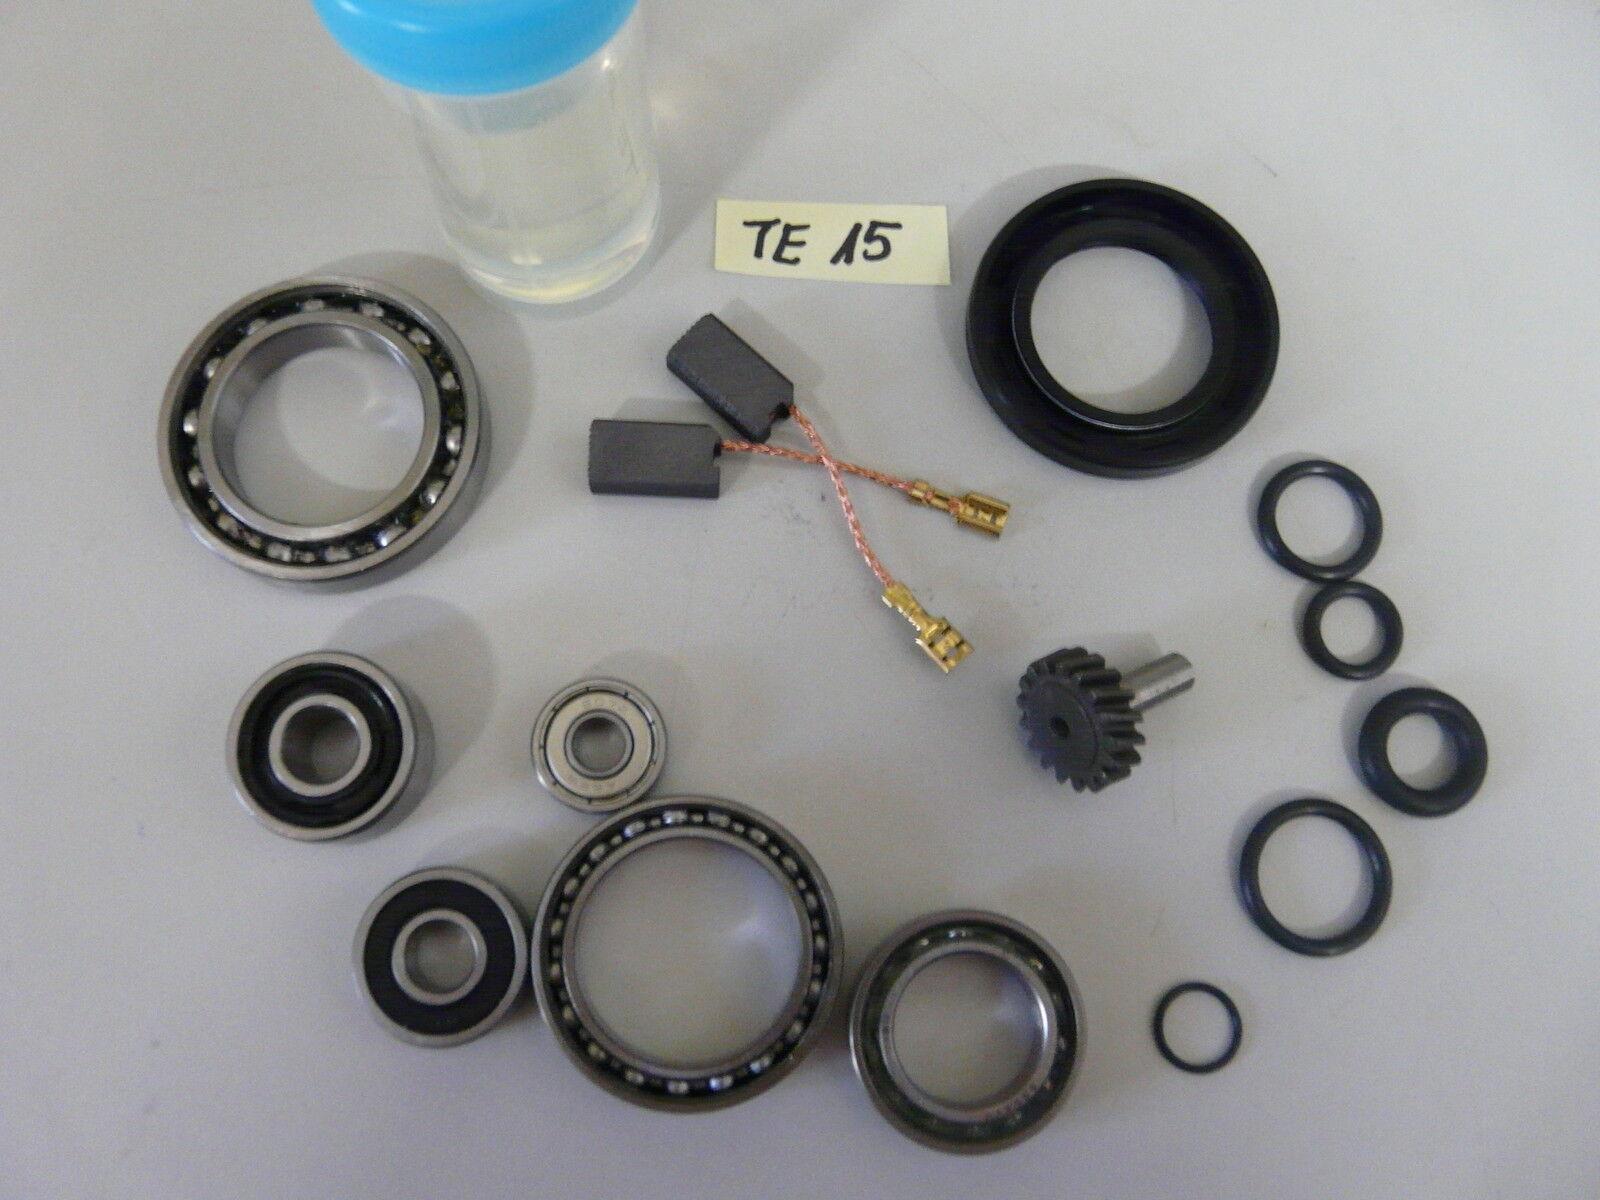 Hilti TE 15, Reparatursatz mit Zahnrad , Verschleissteilesatz, Wartungset